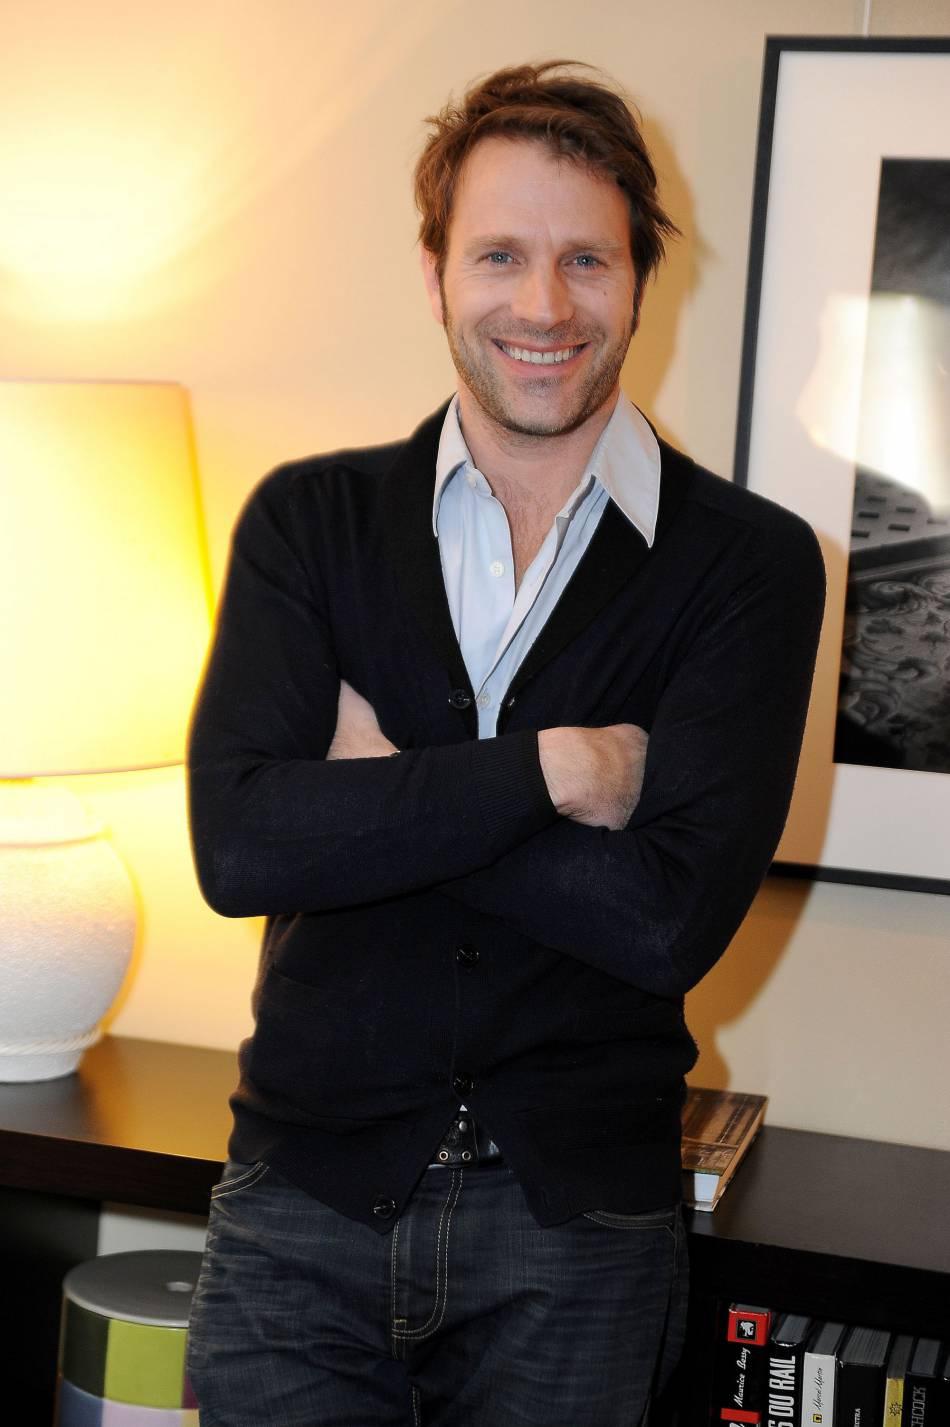 Thomas jouannet est un acteur d 39 origine suisse de 45 ans for Pere de jean dujardin